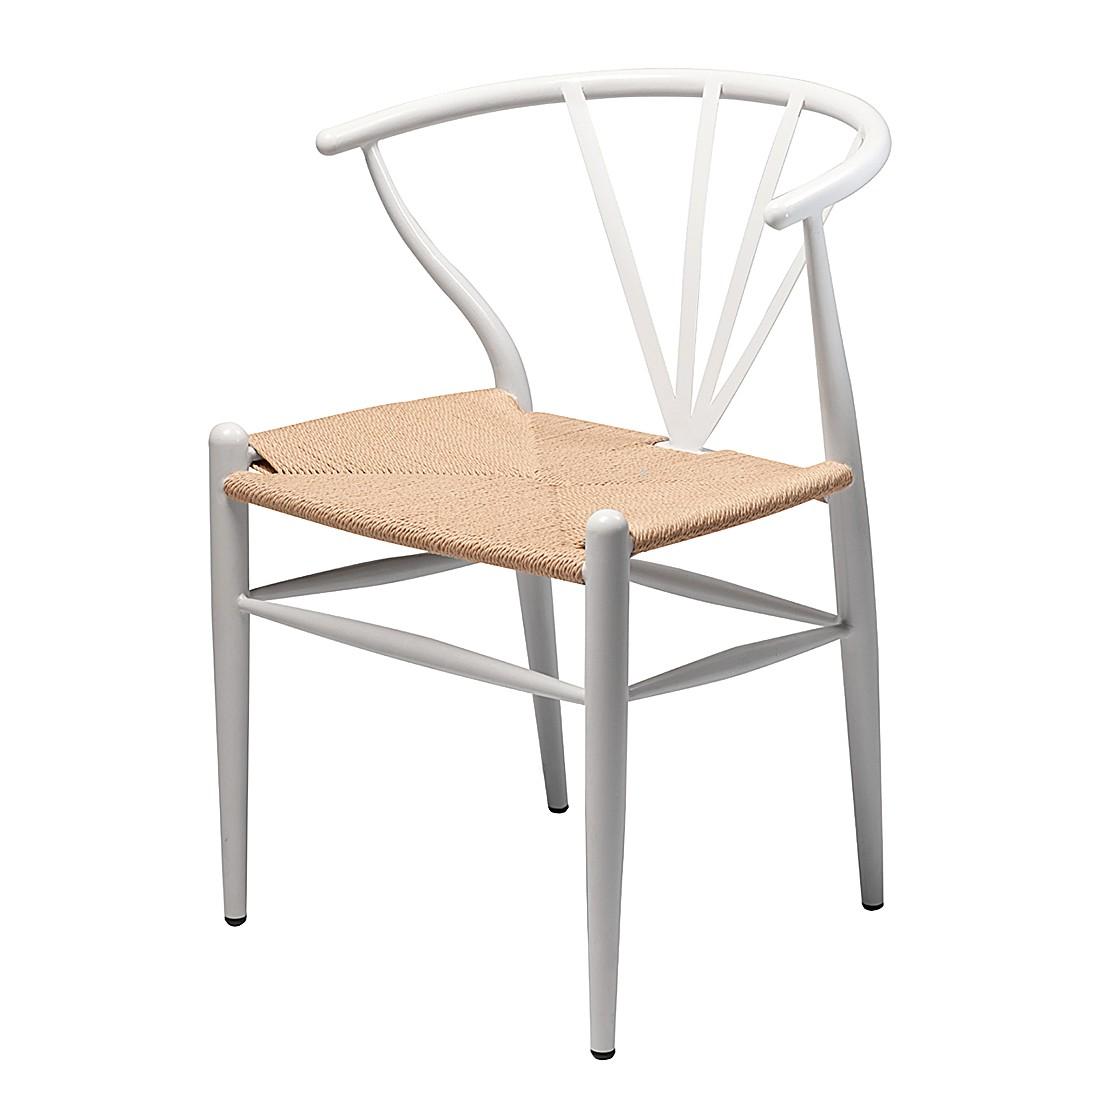 Esszimmerstuhl Delta (2er-Set) – Rattan/ Metall – Weiß, Dan-Form kaufen